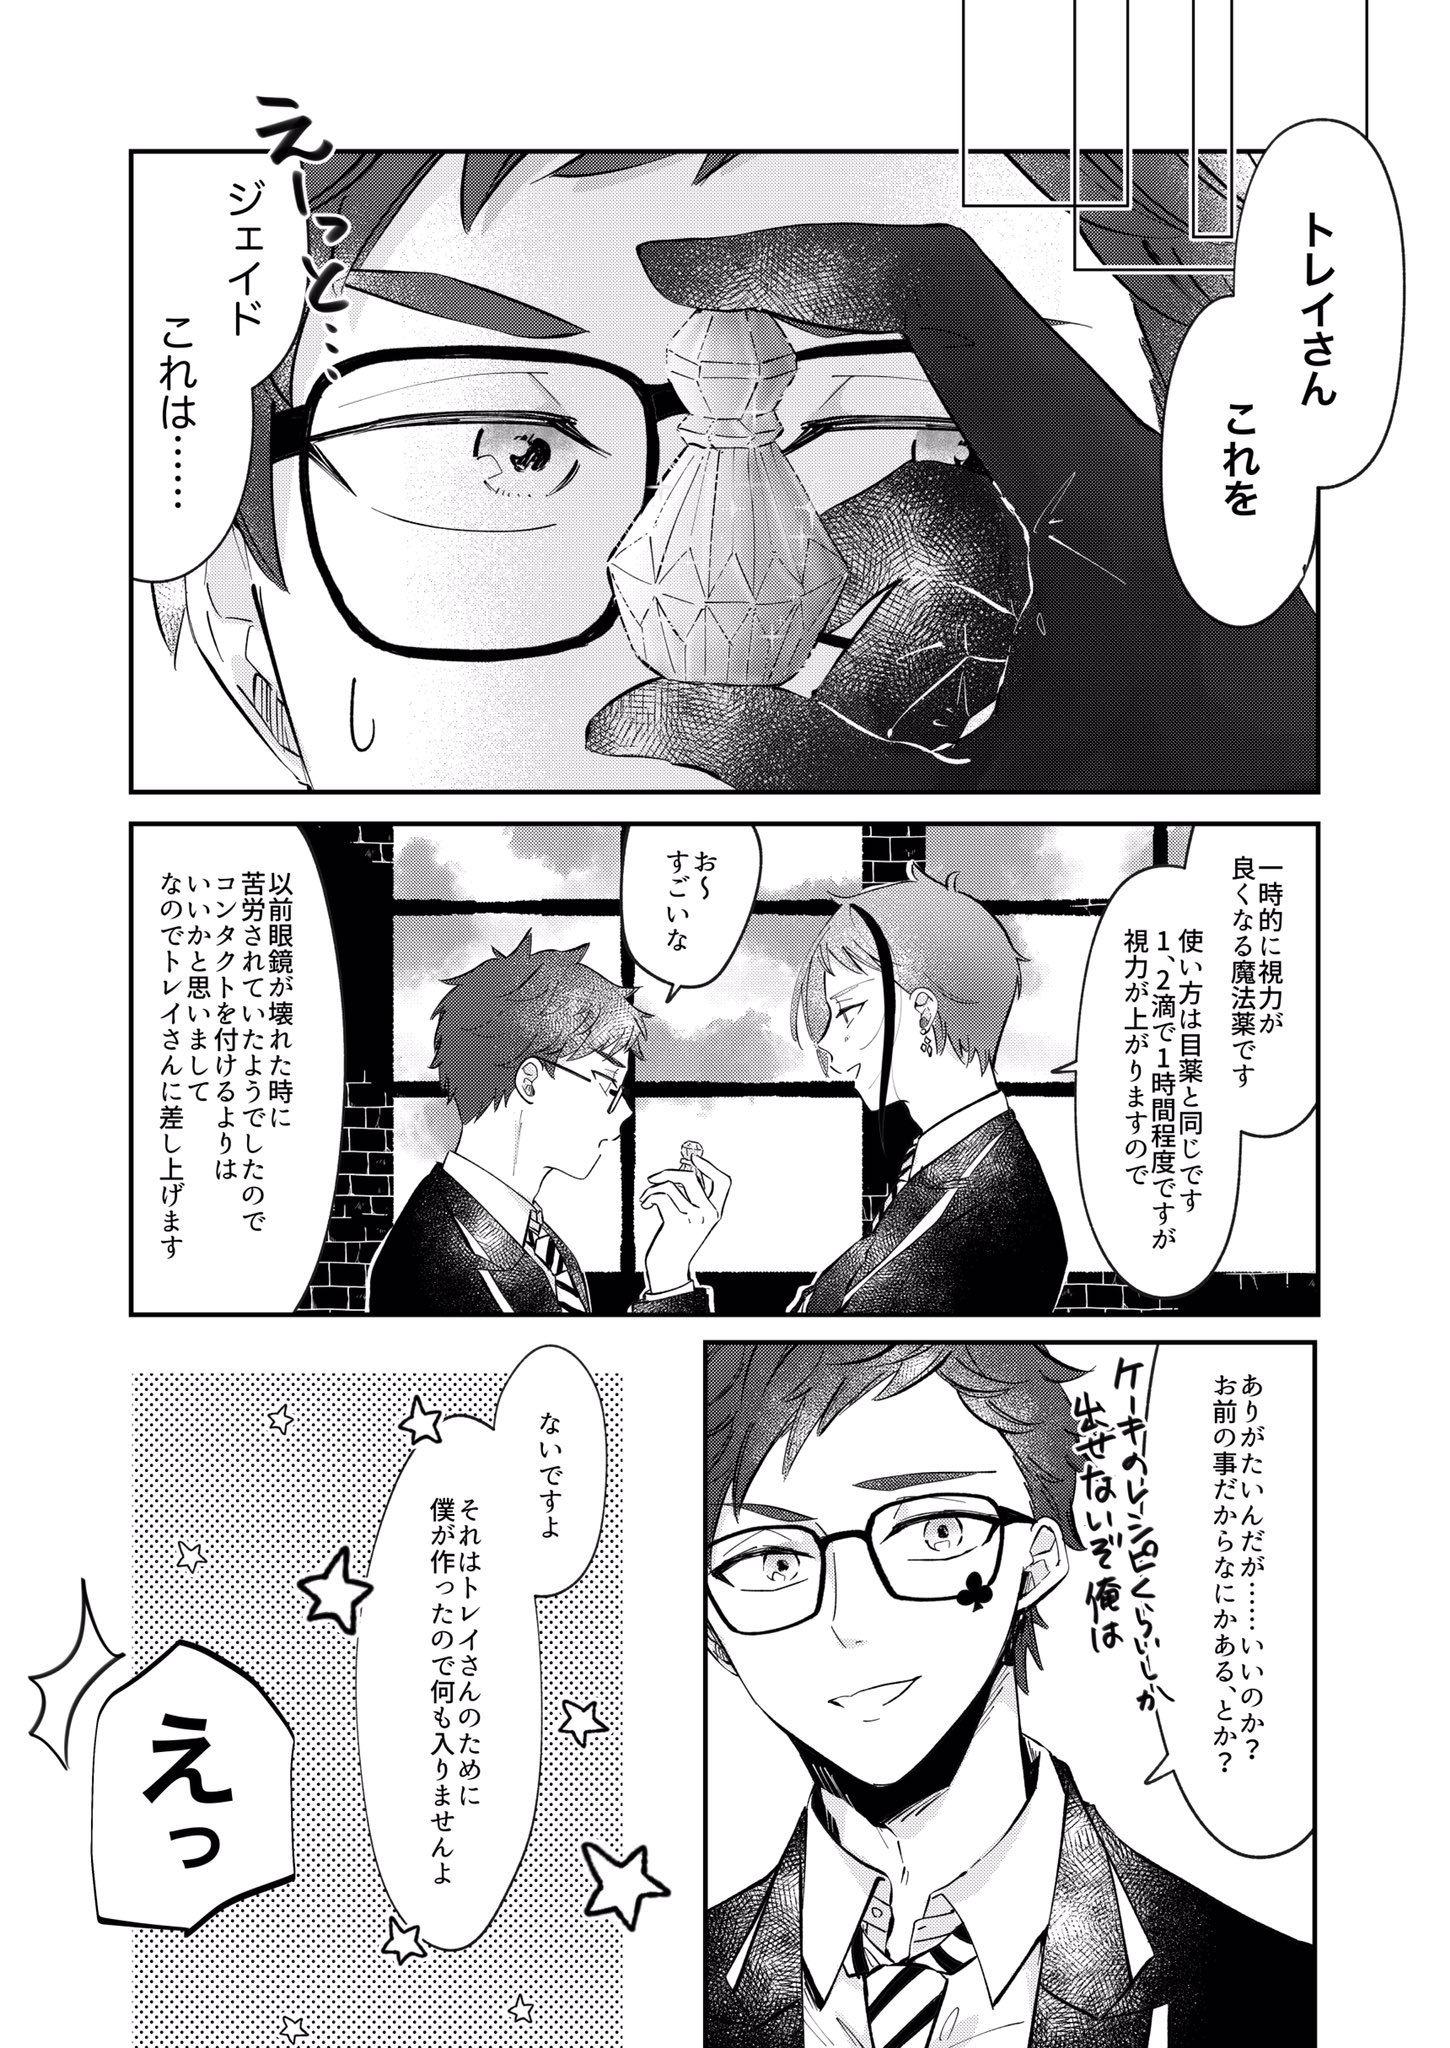 Pin auf ツイステ(オクタ寮多め)